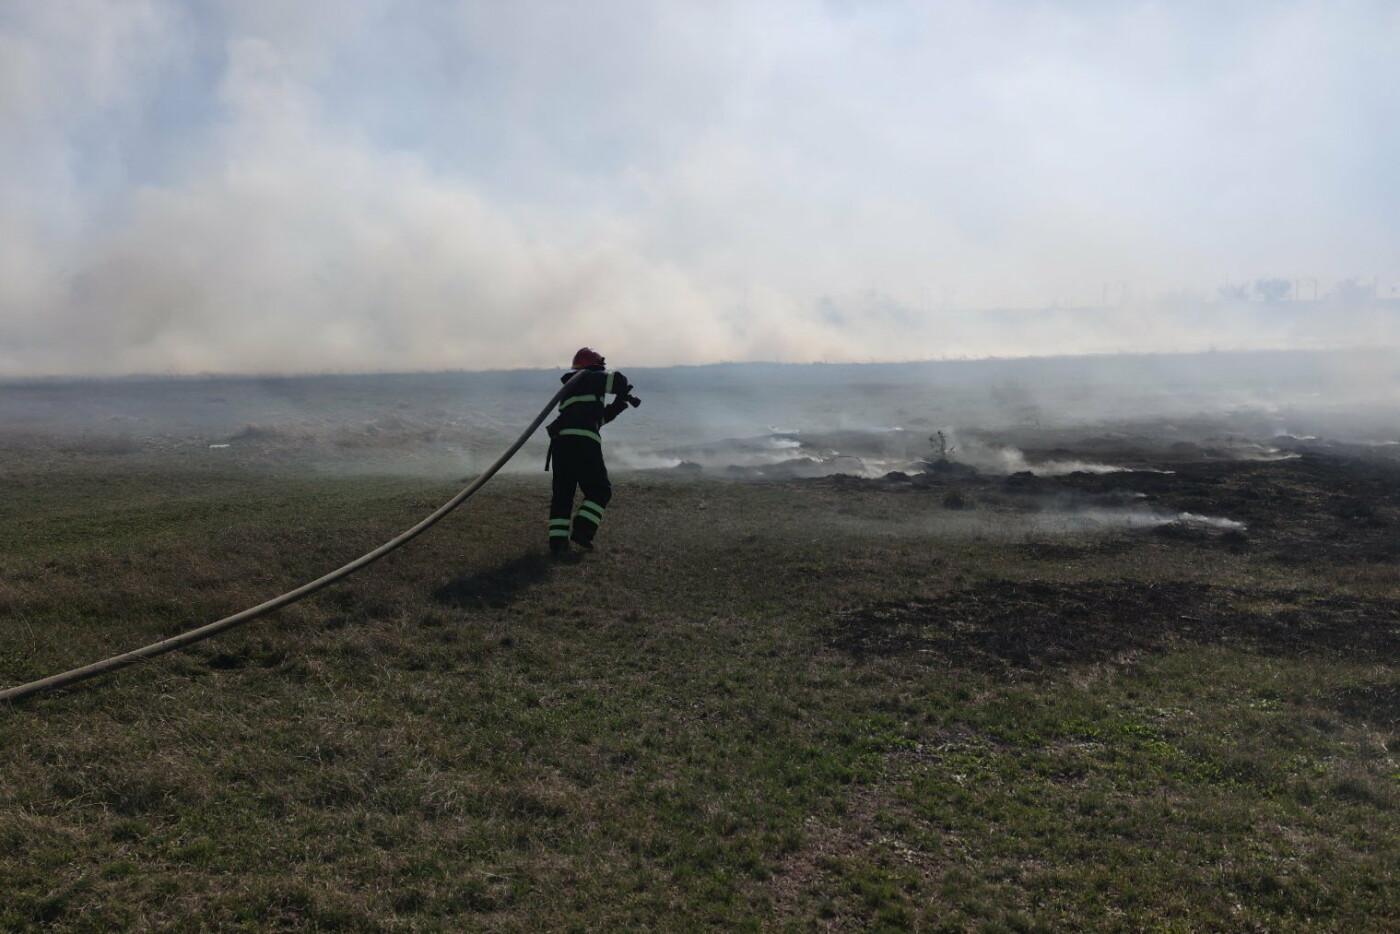 На Харьковщине спасатели тушили десятки пожаров в природных экосистемах, - ФОТО, фото-2